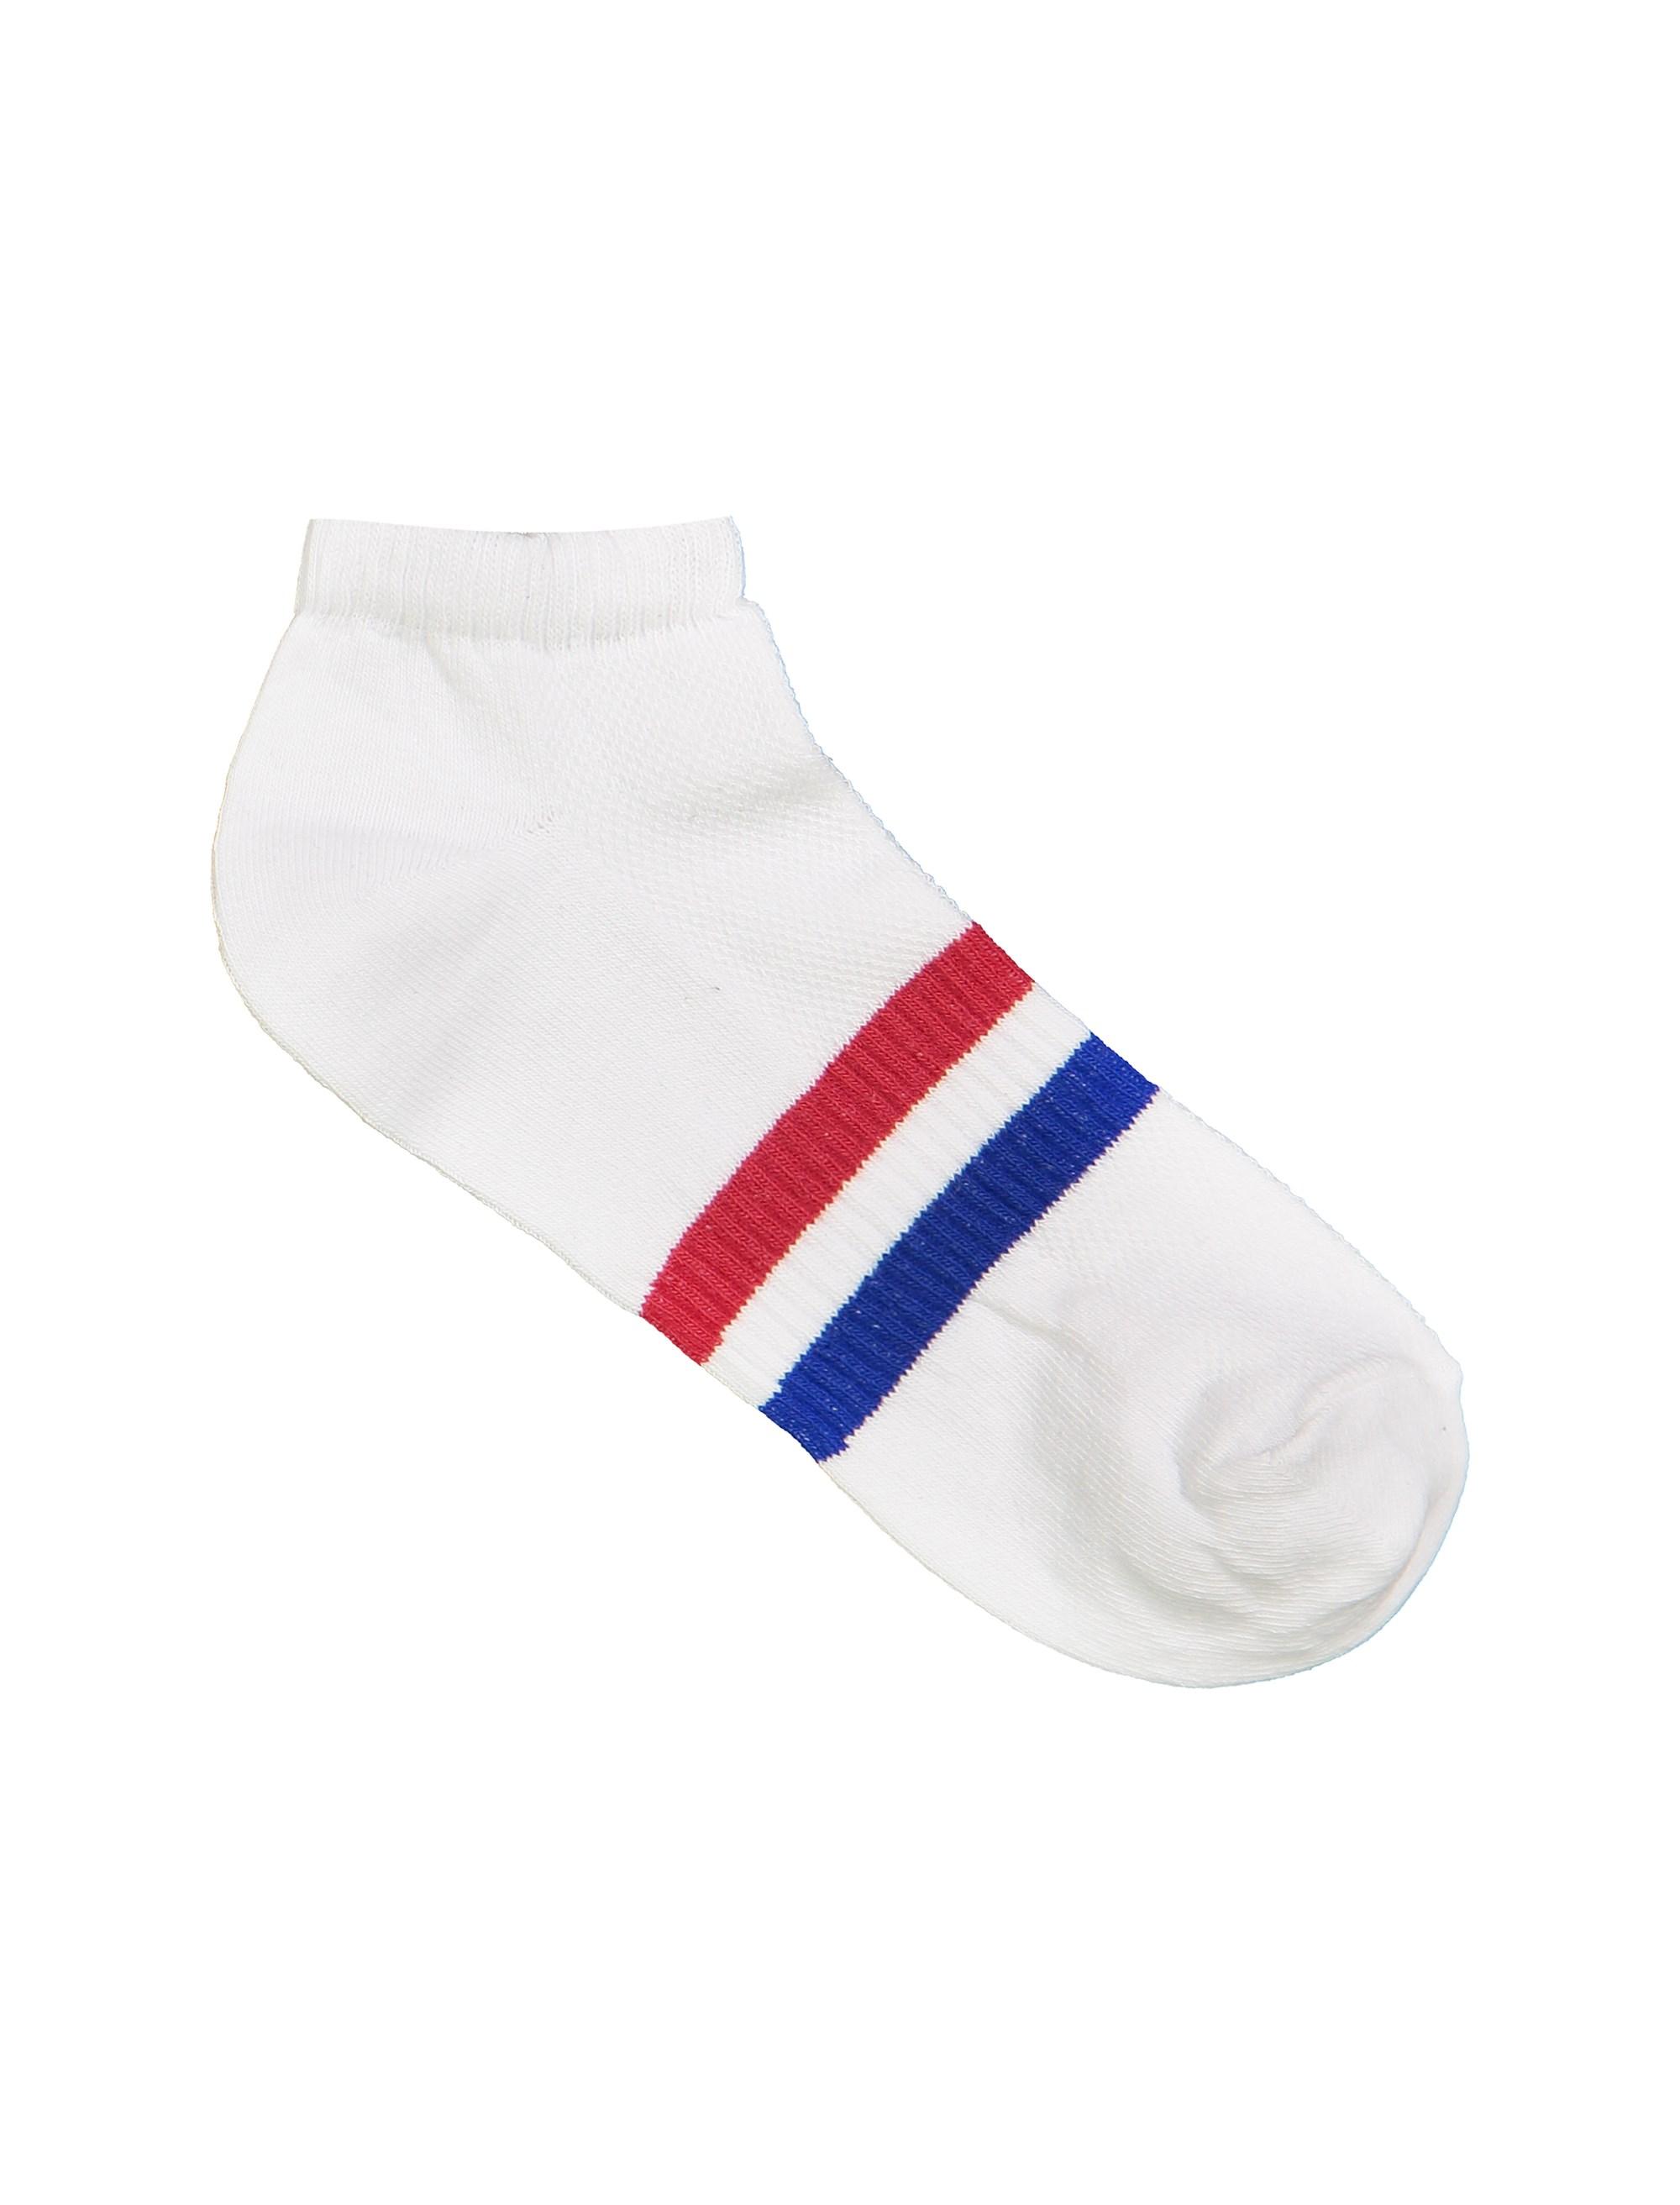 جوراب نخی ساق کوتاه مردانه بسته 3 عددی - چند رنگ - 6